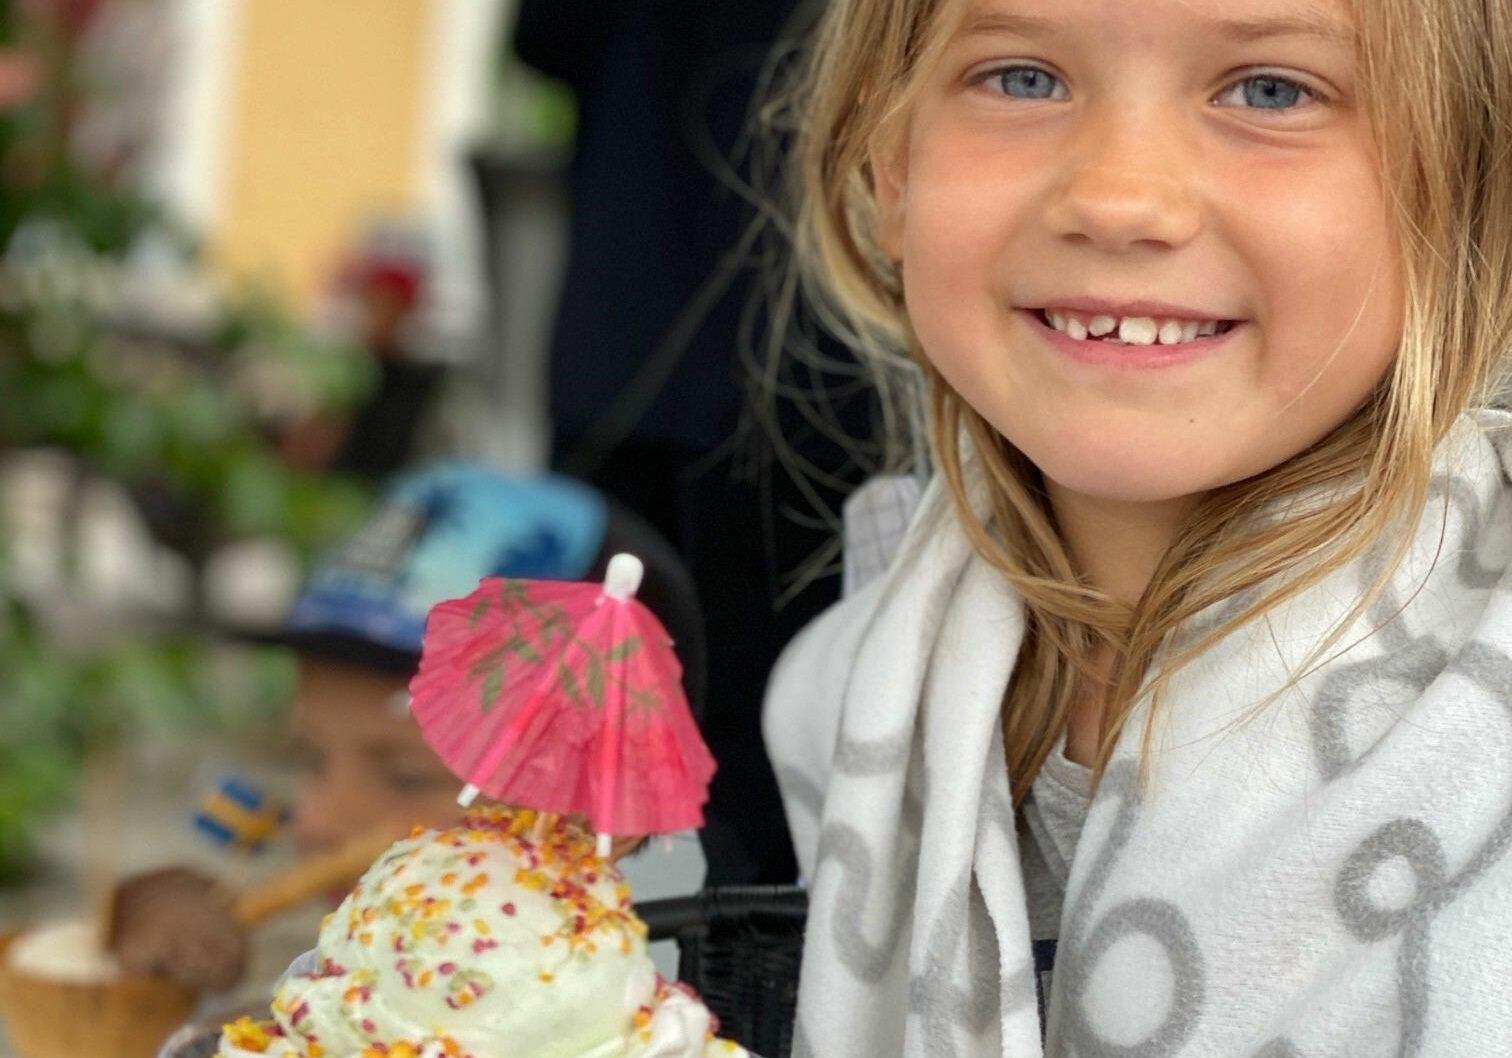 En leende flicka sitter med en glass läckert upplagd i ett högt glas framför sig.